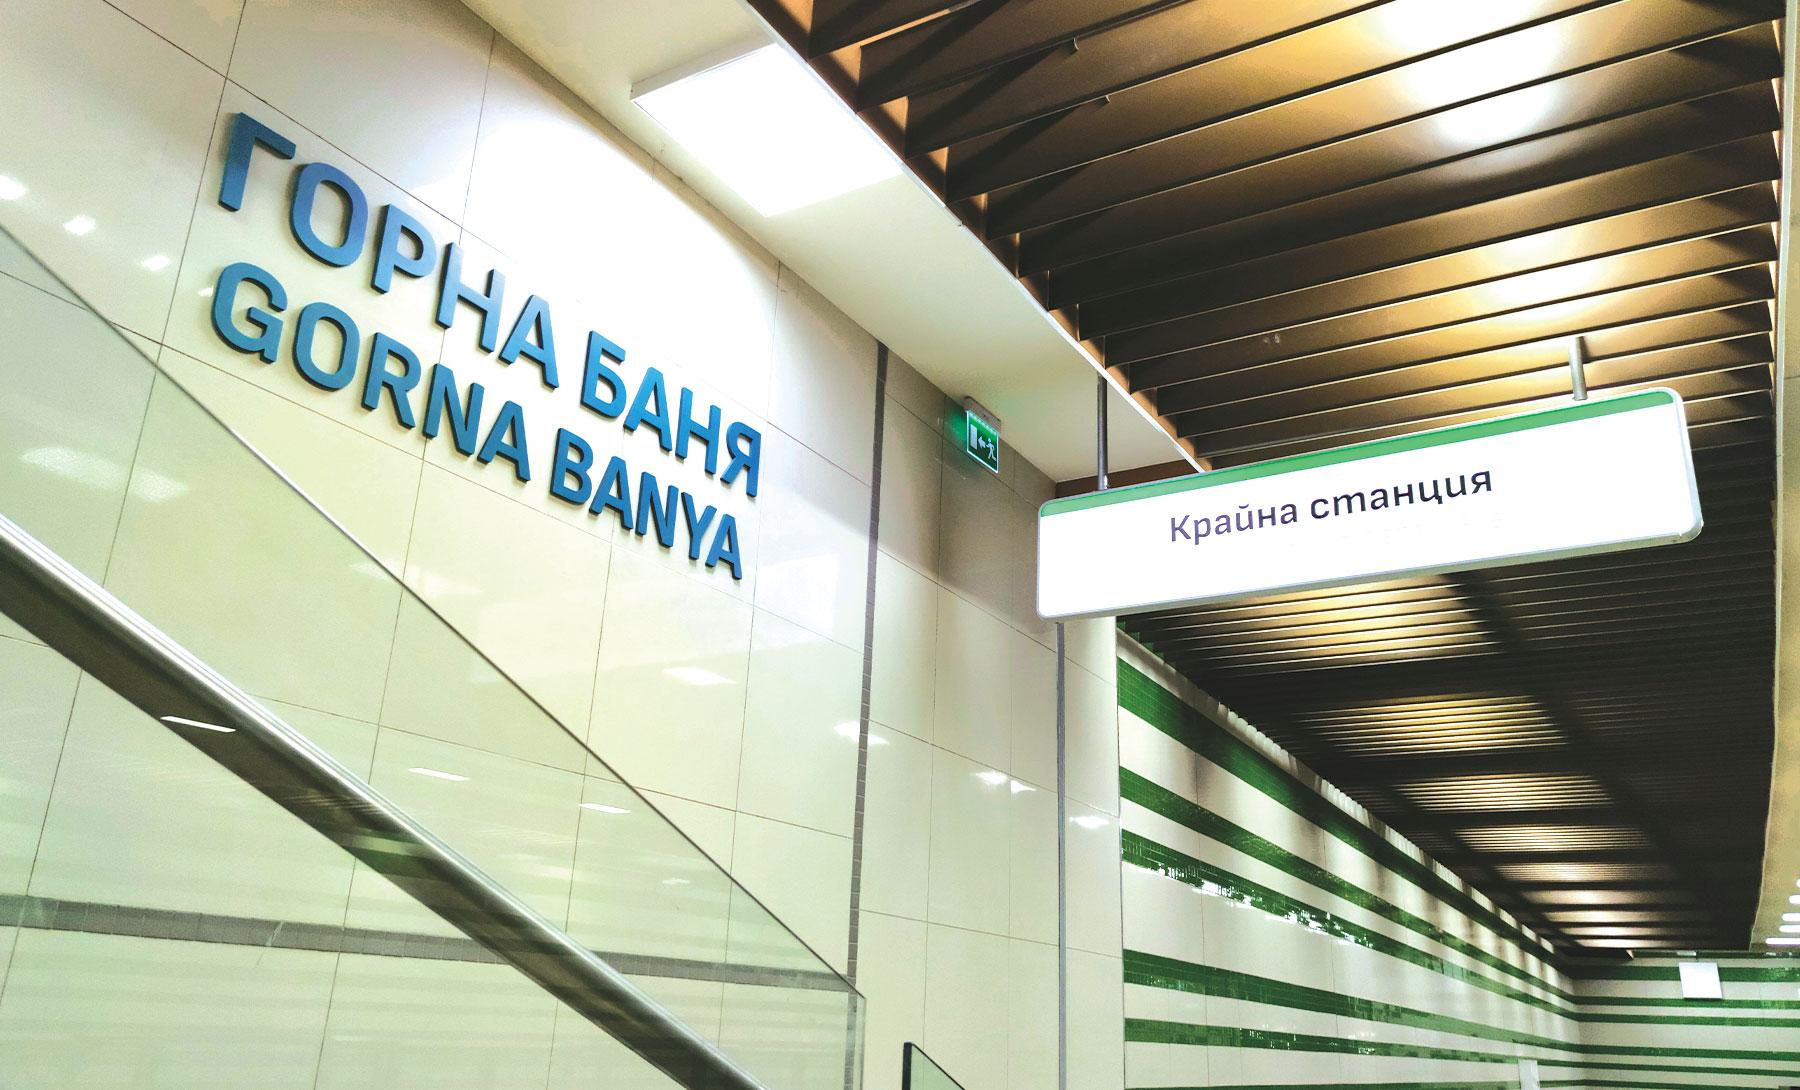 Метростанция Горна баня